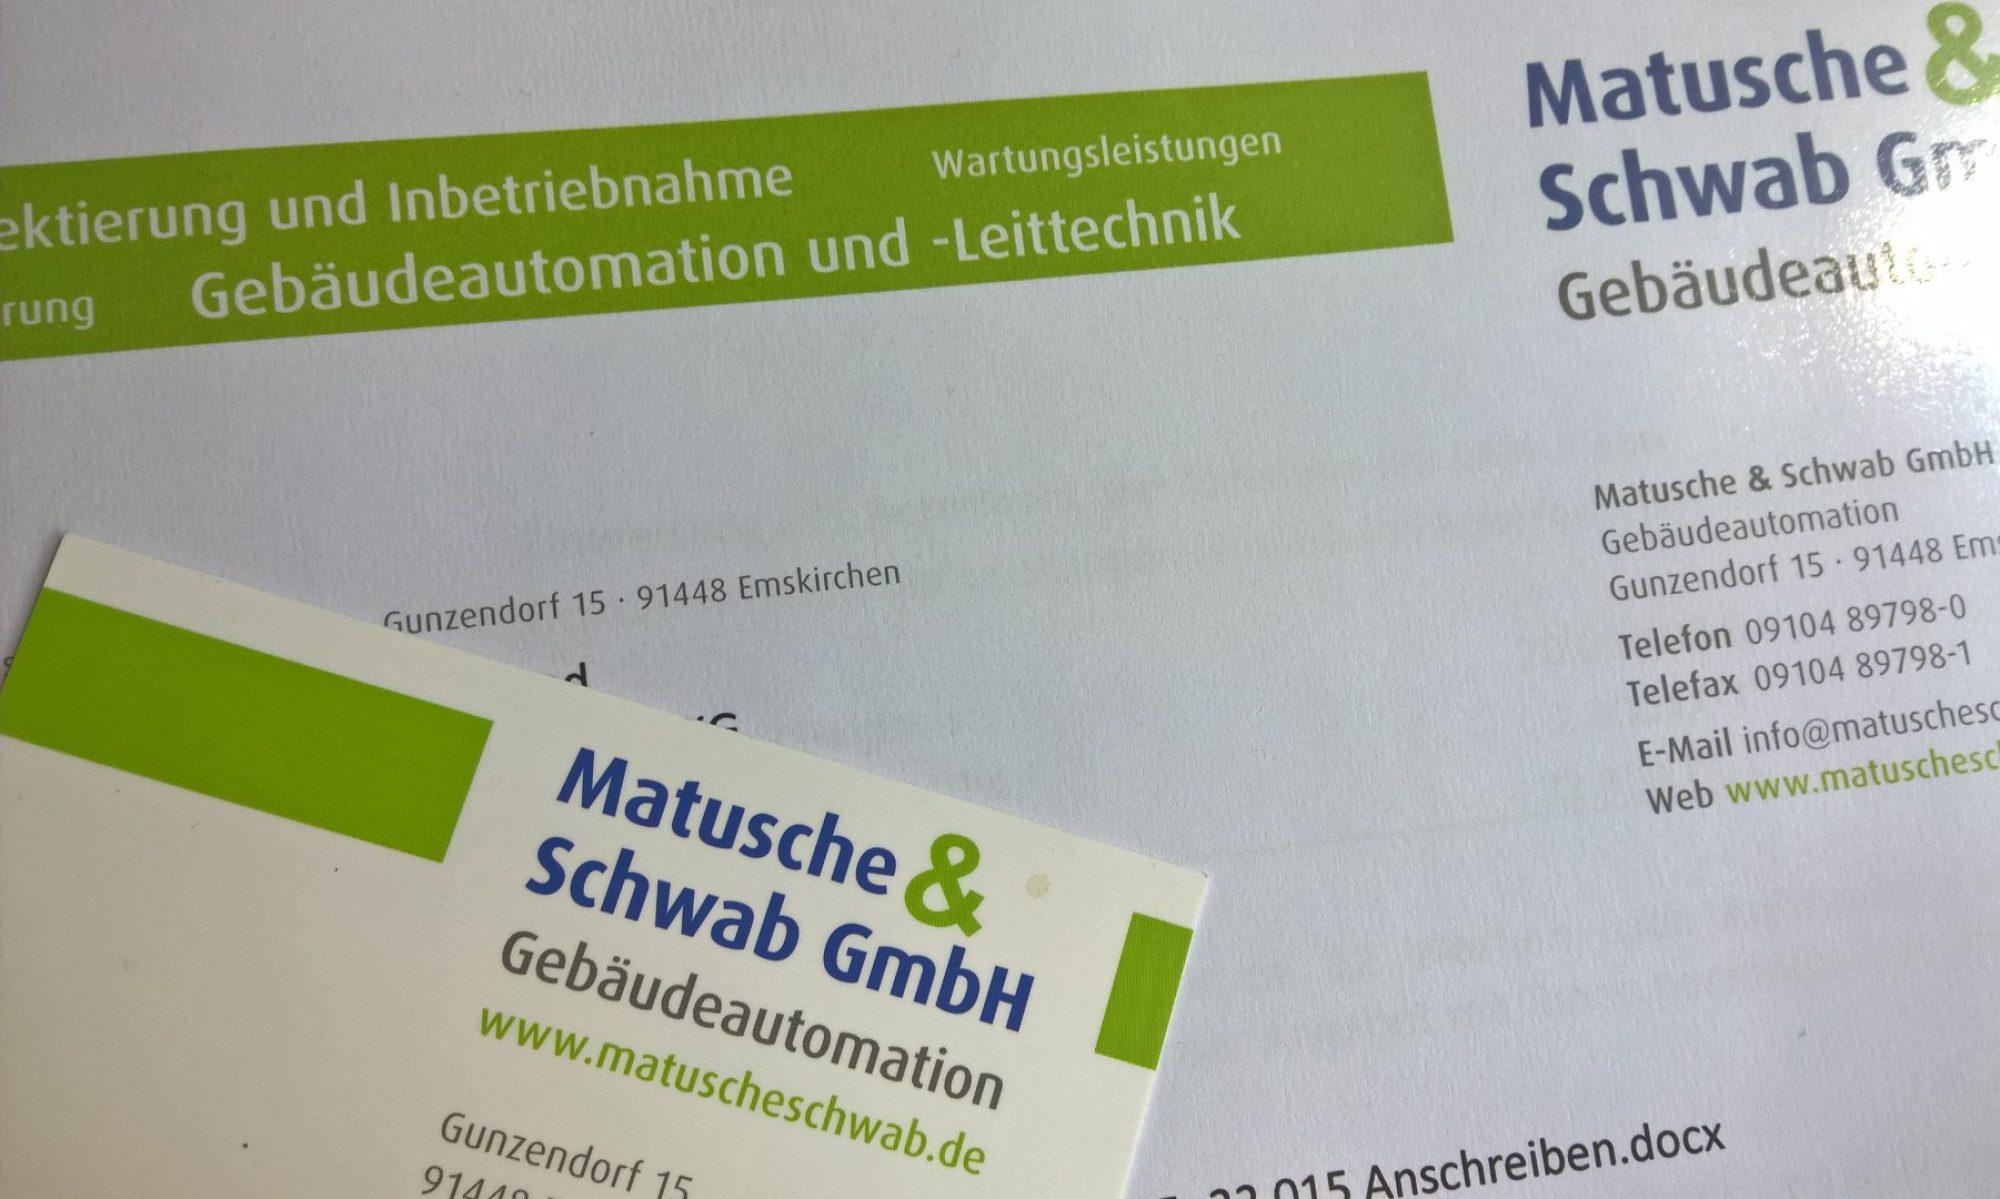 matusche & schwab GmbH